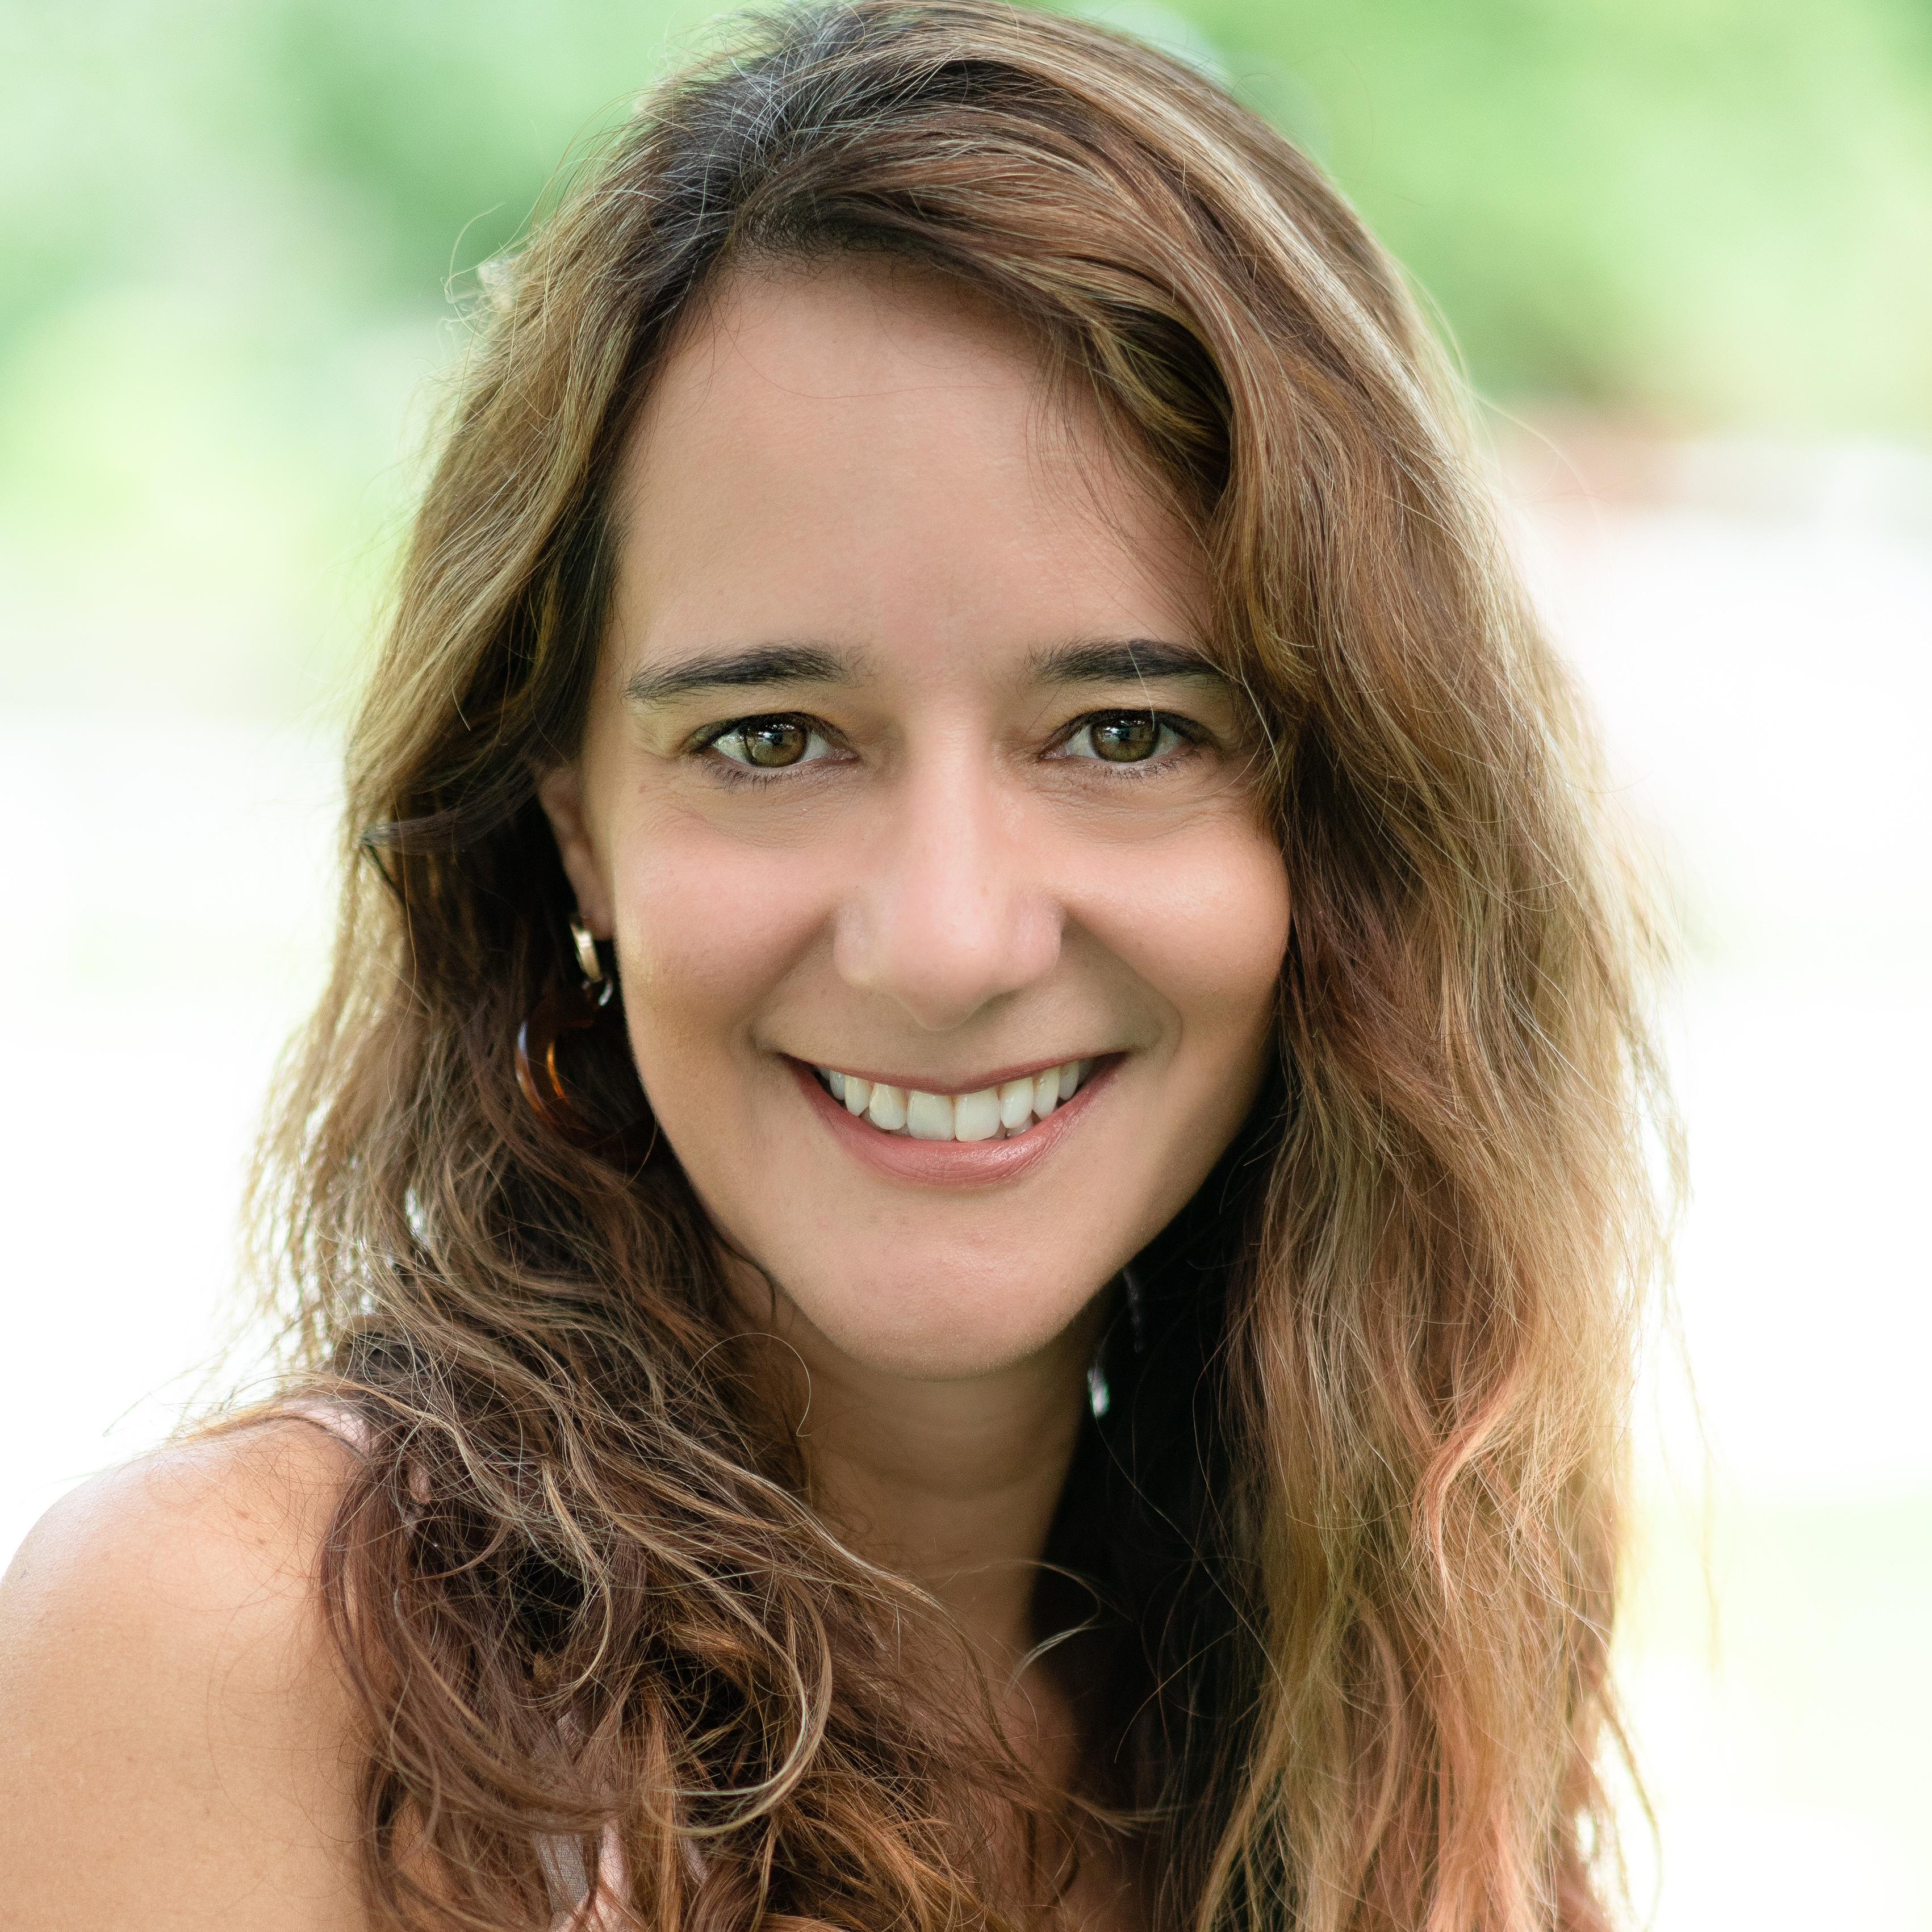 Alexandra Gallen, B.S., MACTE